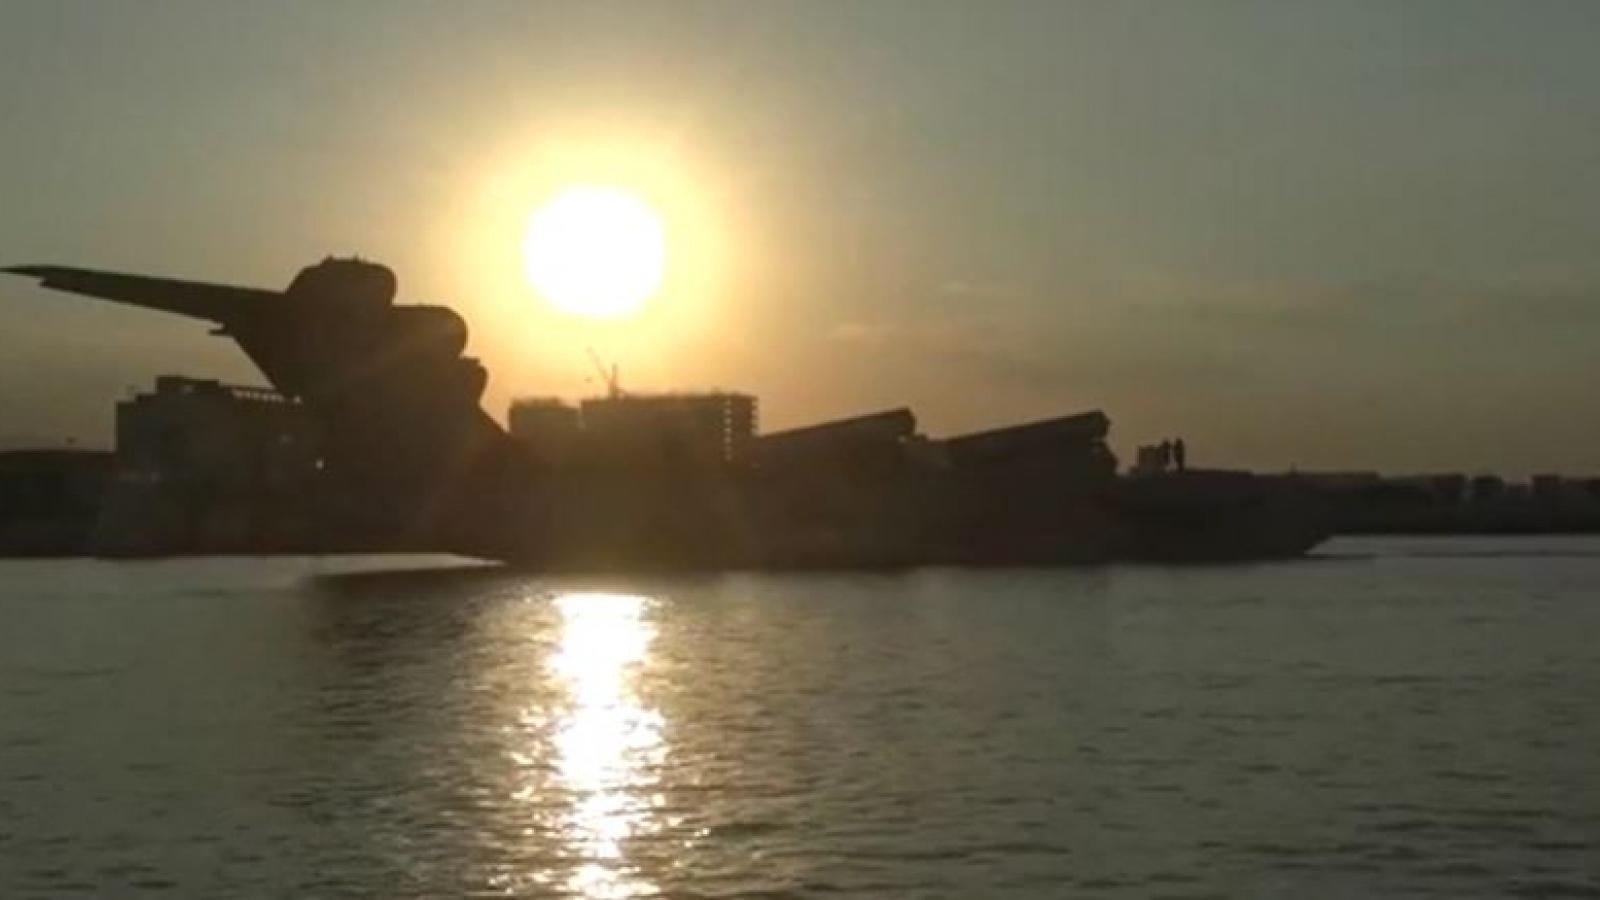 Video: Thủy phi cơ Lun 903 - Quái vật biển Caspian thời Liên Xô